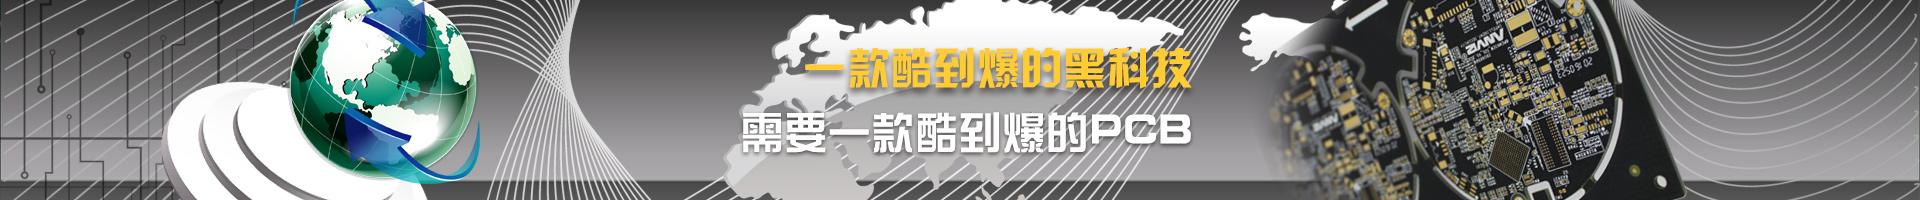 深圳市汇合电路有限公司 电路板设计,电路板打样,电路板布线,罗杰斯ROGERS4350B,F4B高频板,多层板,厚铜板,盲埋孔,射频微波板,半孔板